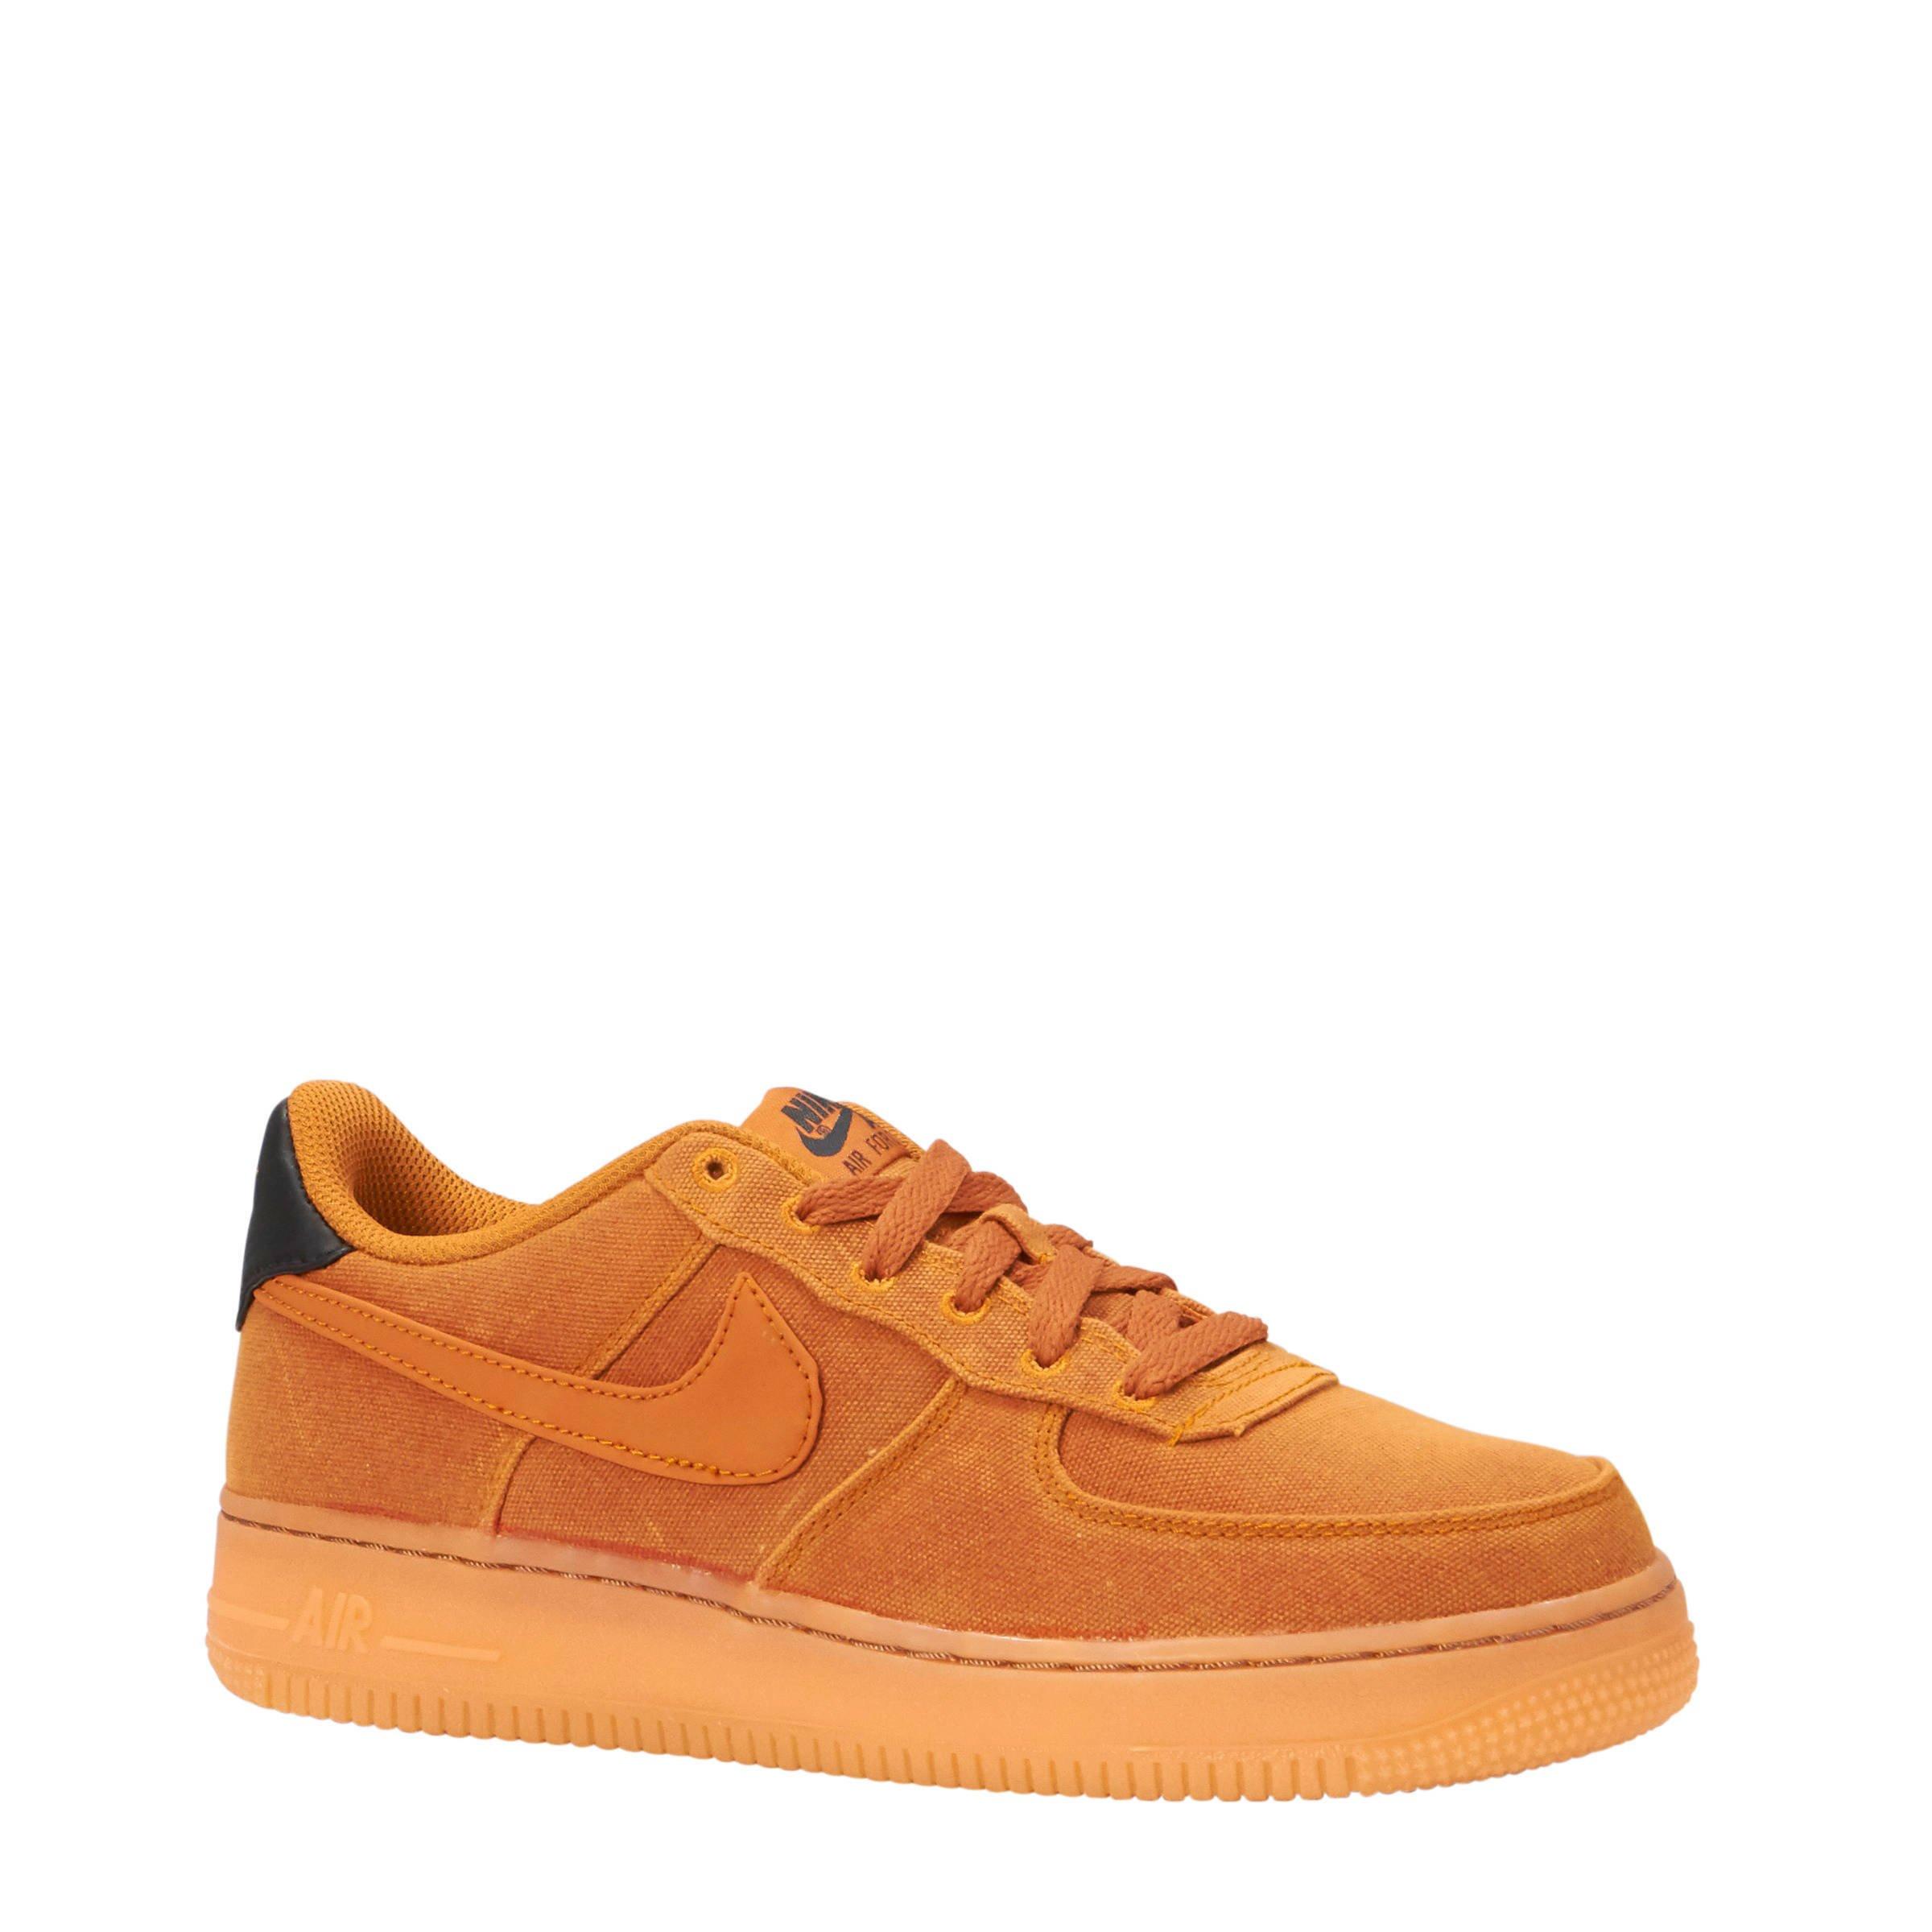 buy online 8041f d6539 nike-sneaker-air-force-1-lv8-style-brique-brique-0659658301474.jpg